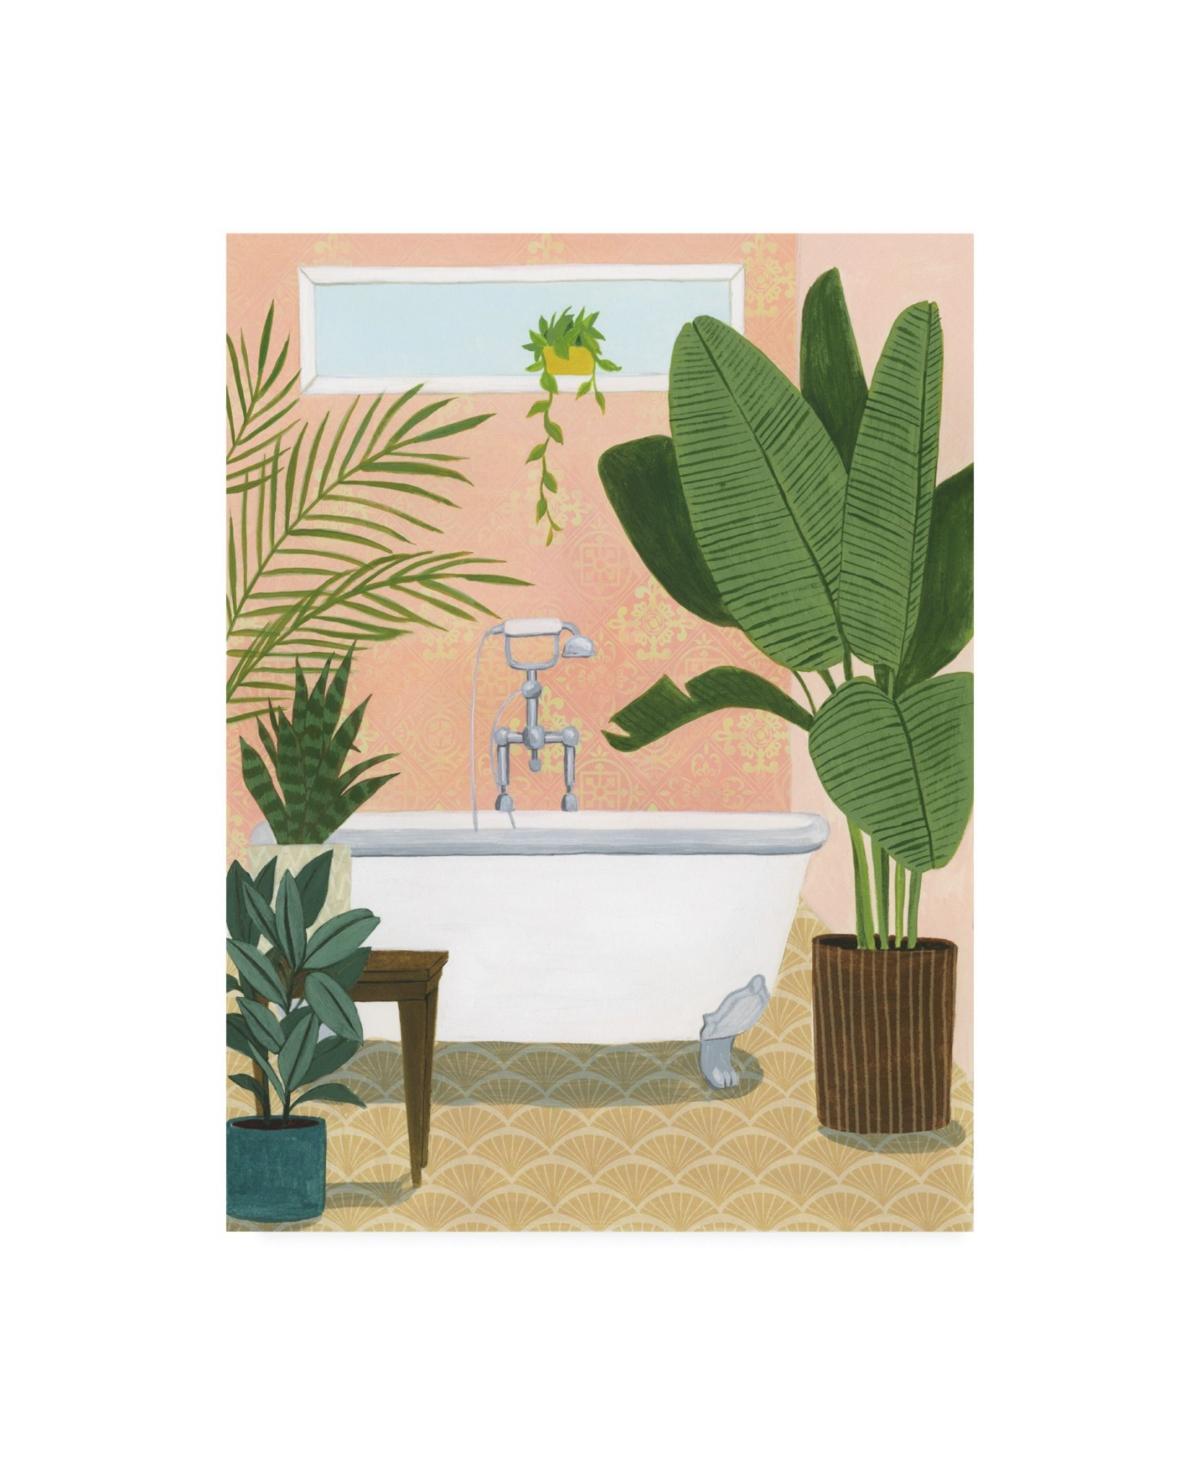 Grace Popp Bathtub Oasis I Canvas Art - 19.5